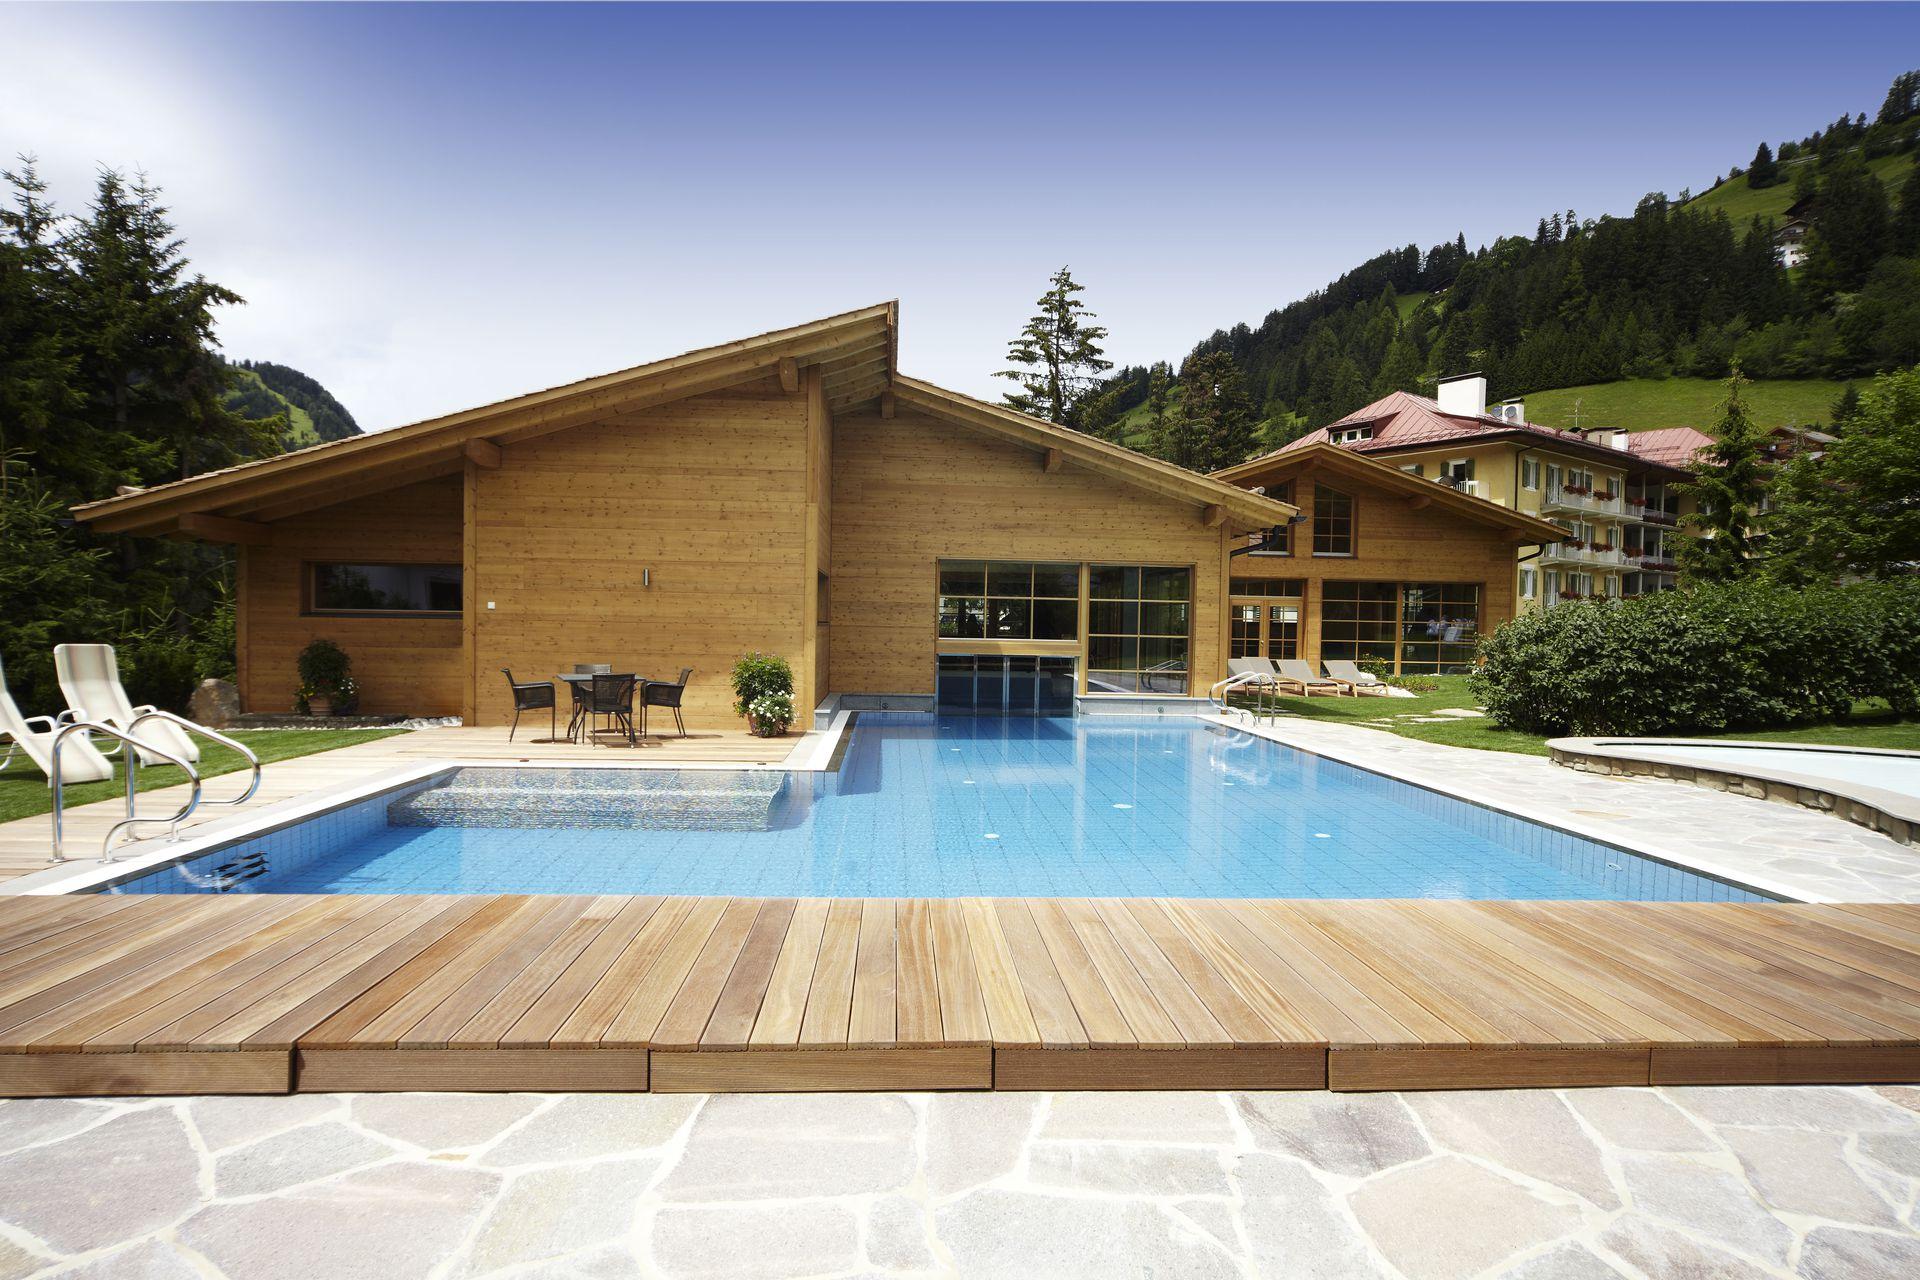 Hotel con piscina coperta per bambini in val gardena - Piscina con palline per adulti ...